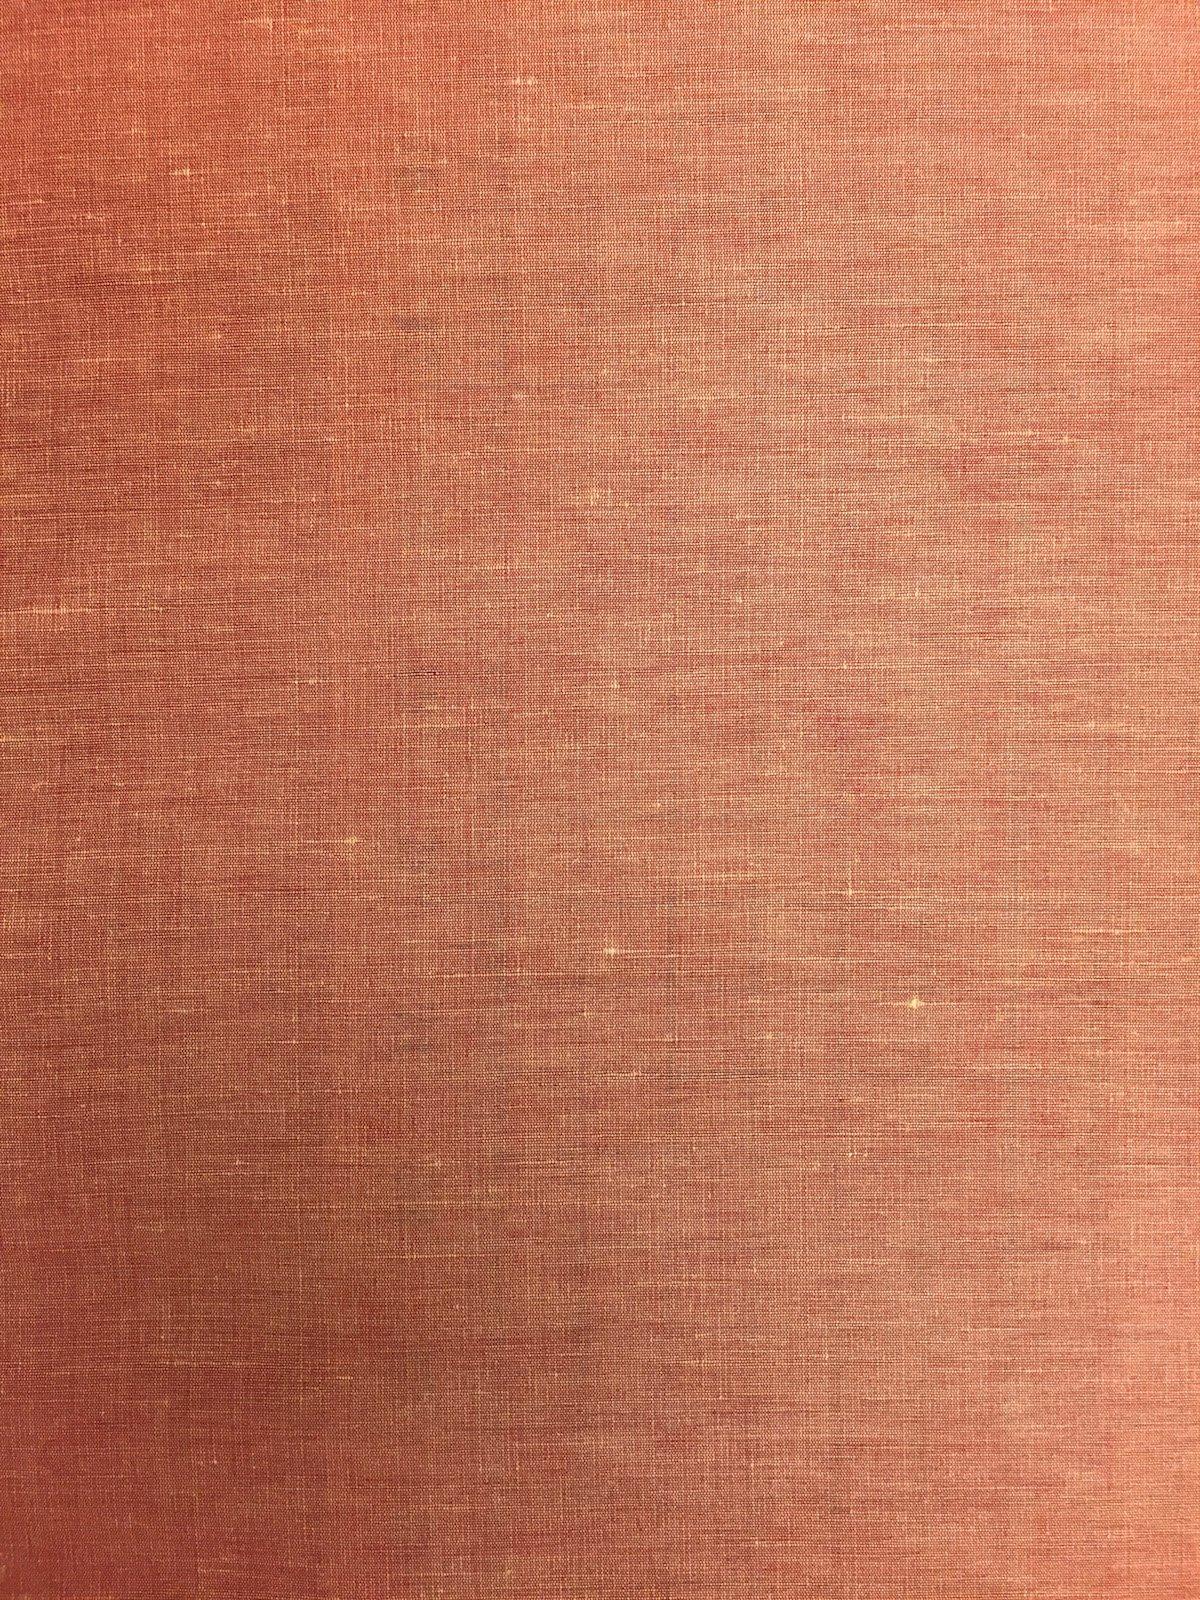 Terra Cotta Linen/Silk blend